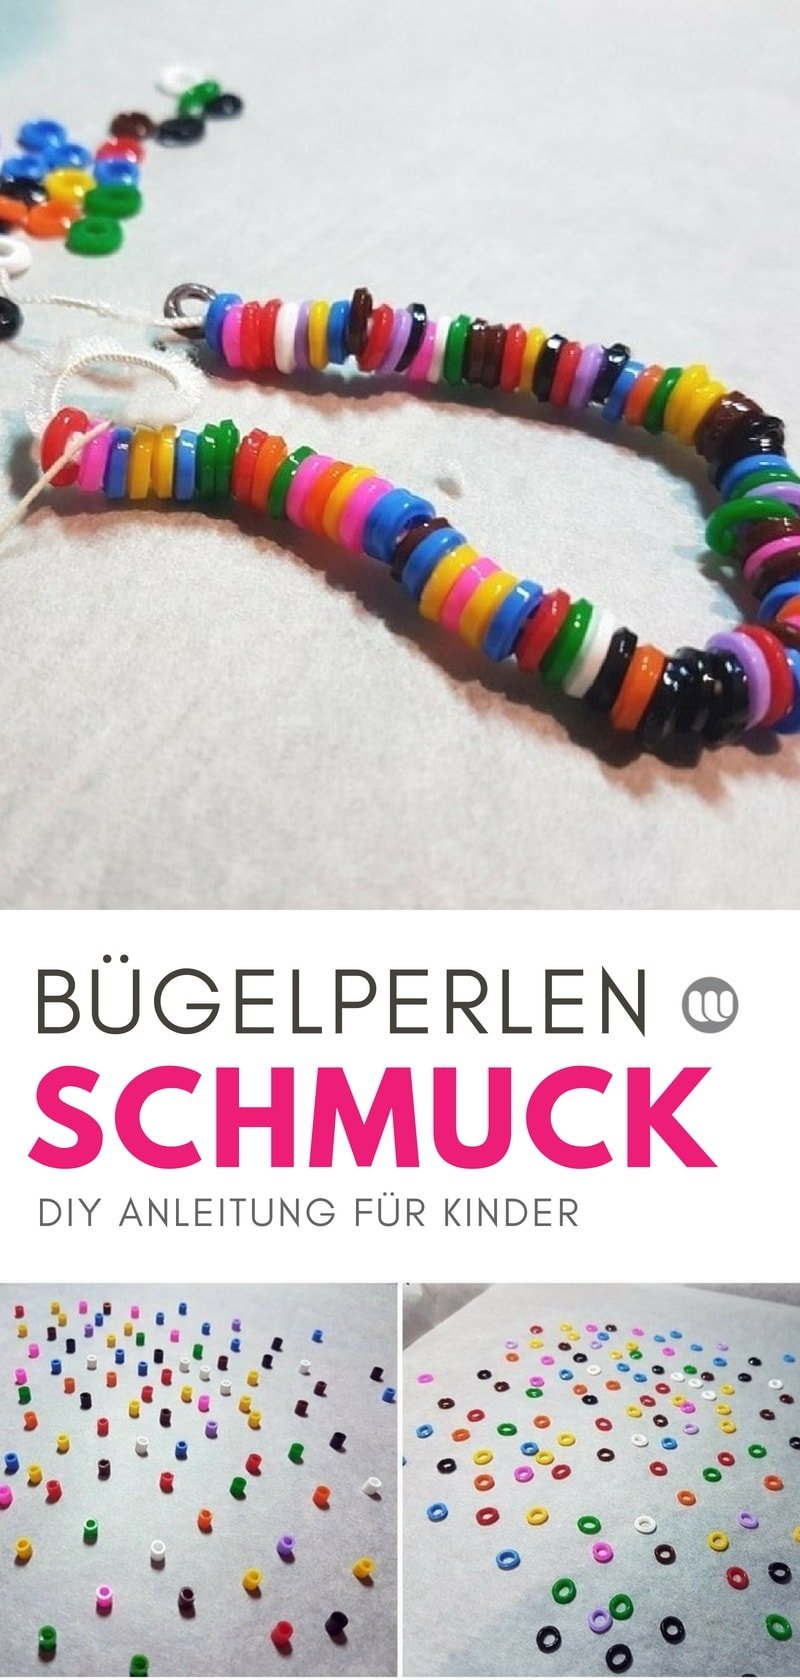 Bügelperlen Armband basteln - Einfache DIY Bastel-Anleitung für Kinder zum selber machen | Kinderschmuck aus Bügelperlen selbermachen | Basteln mit Kindern